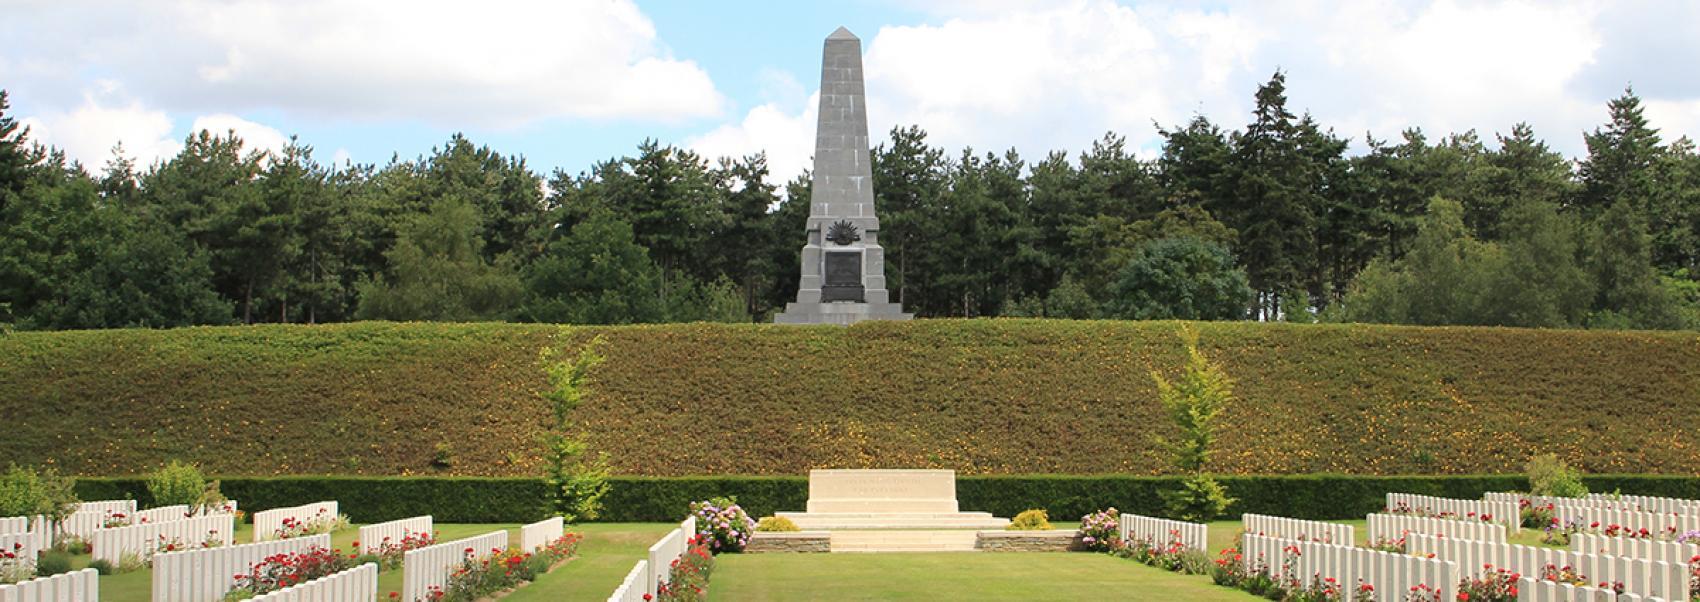 militaire begraafplaats